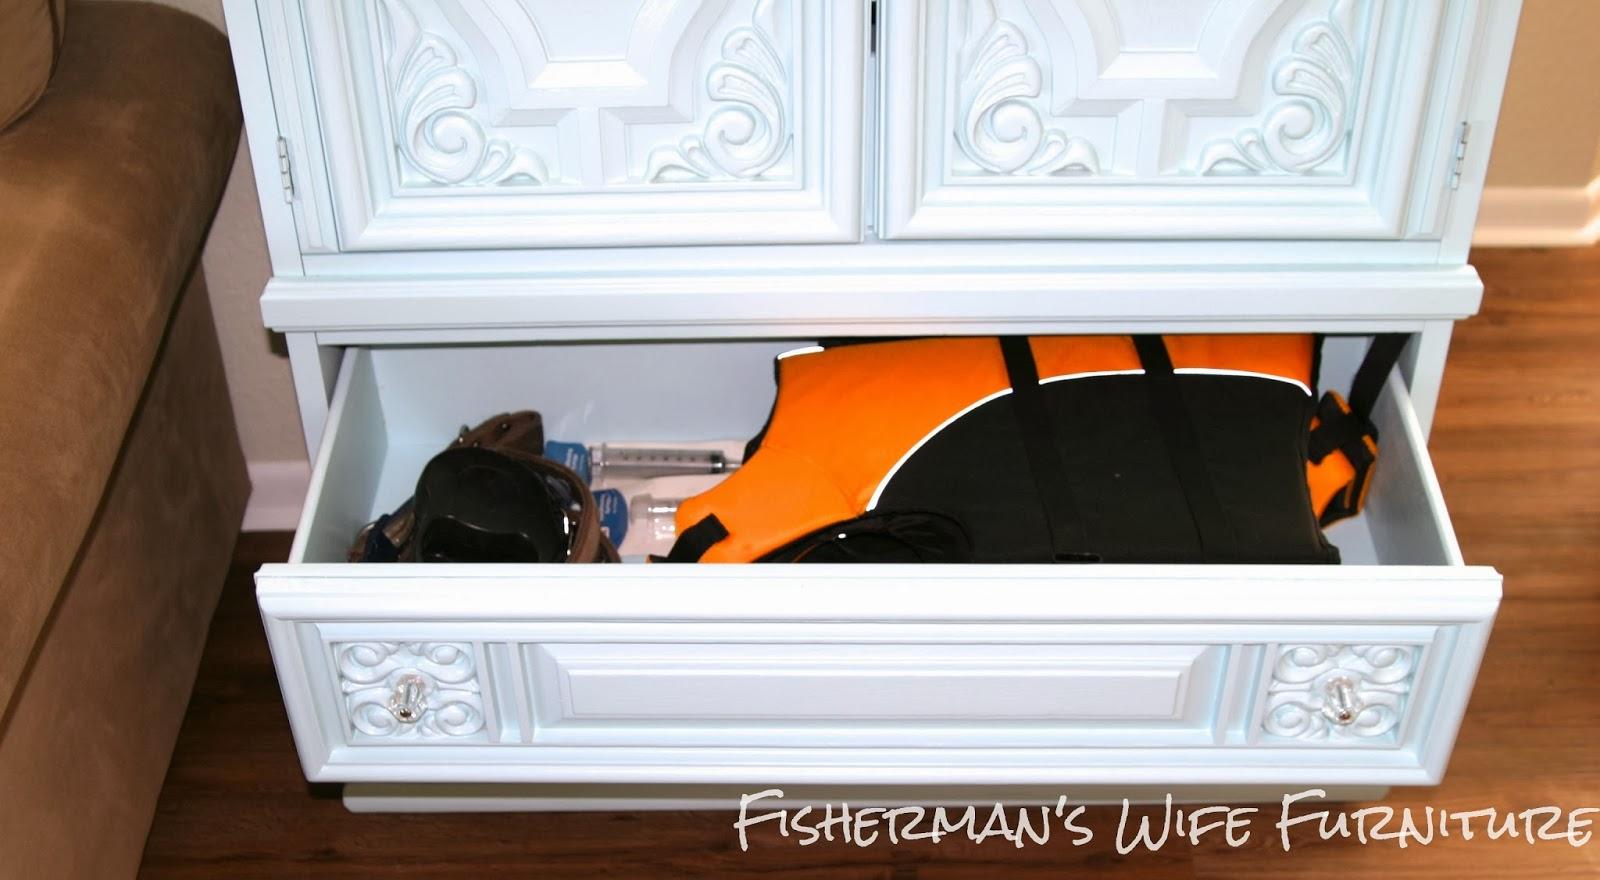 Fishermanu0027s Wife Furniture